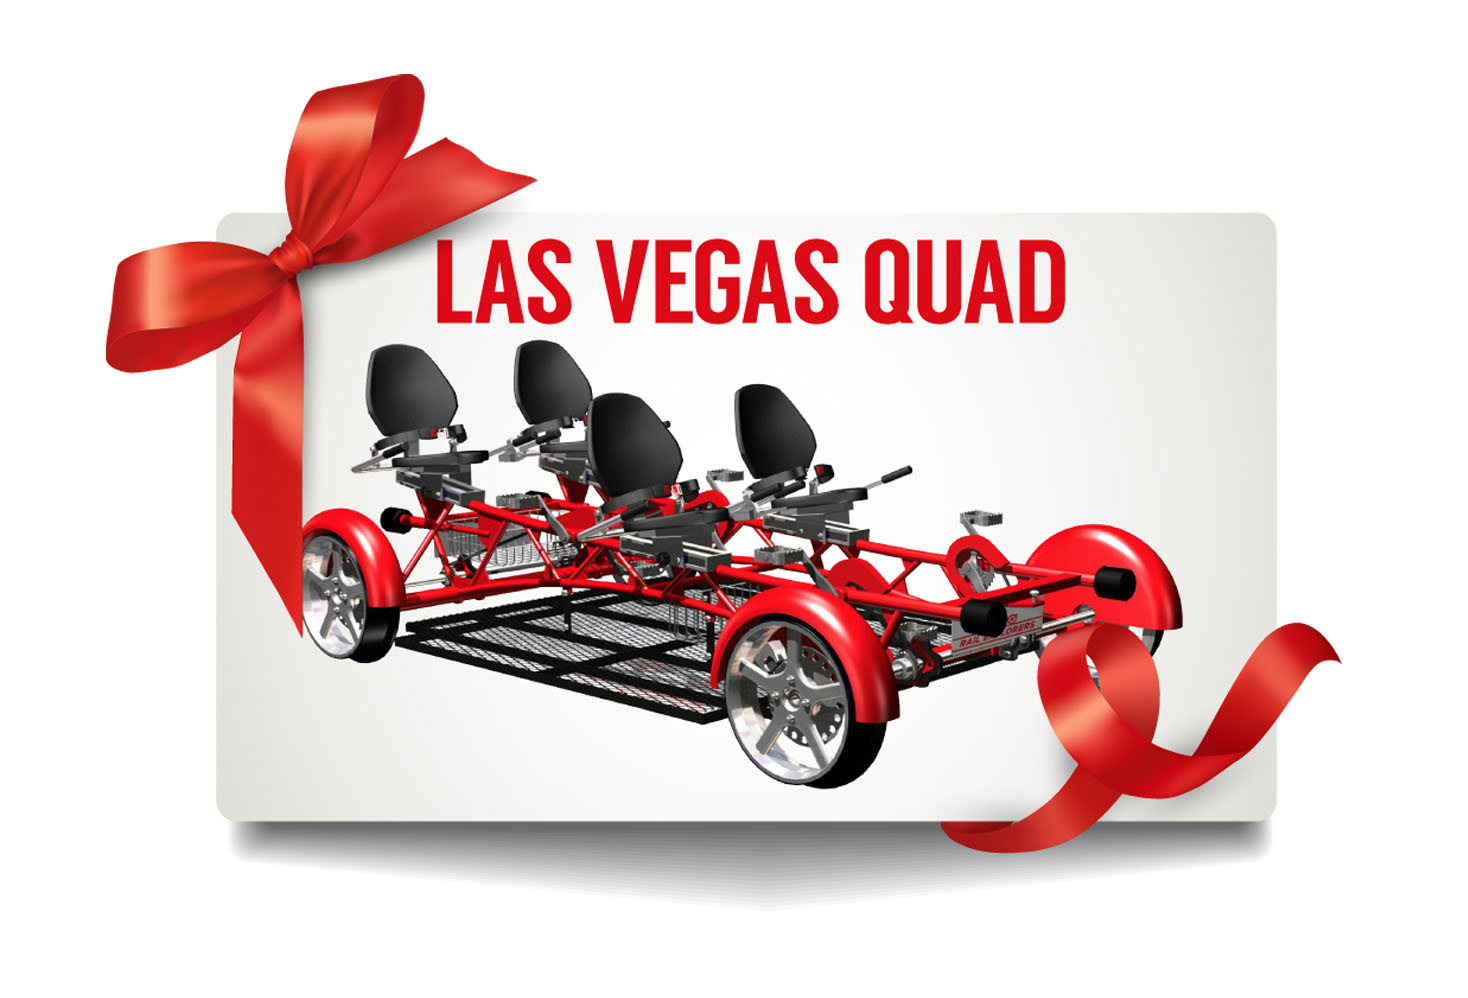 Gift Card: Las Vegas Quad $150